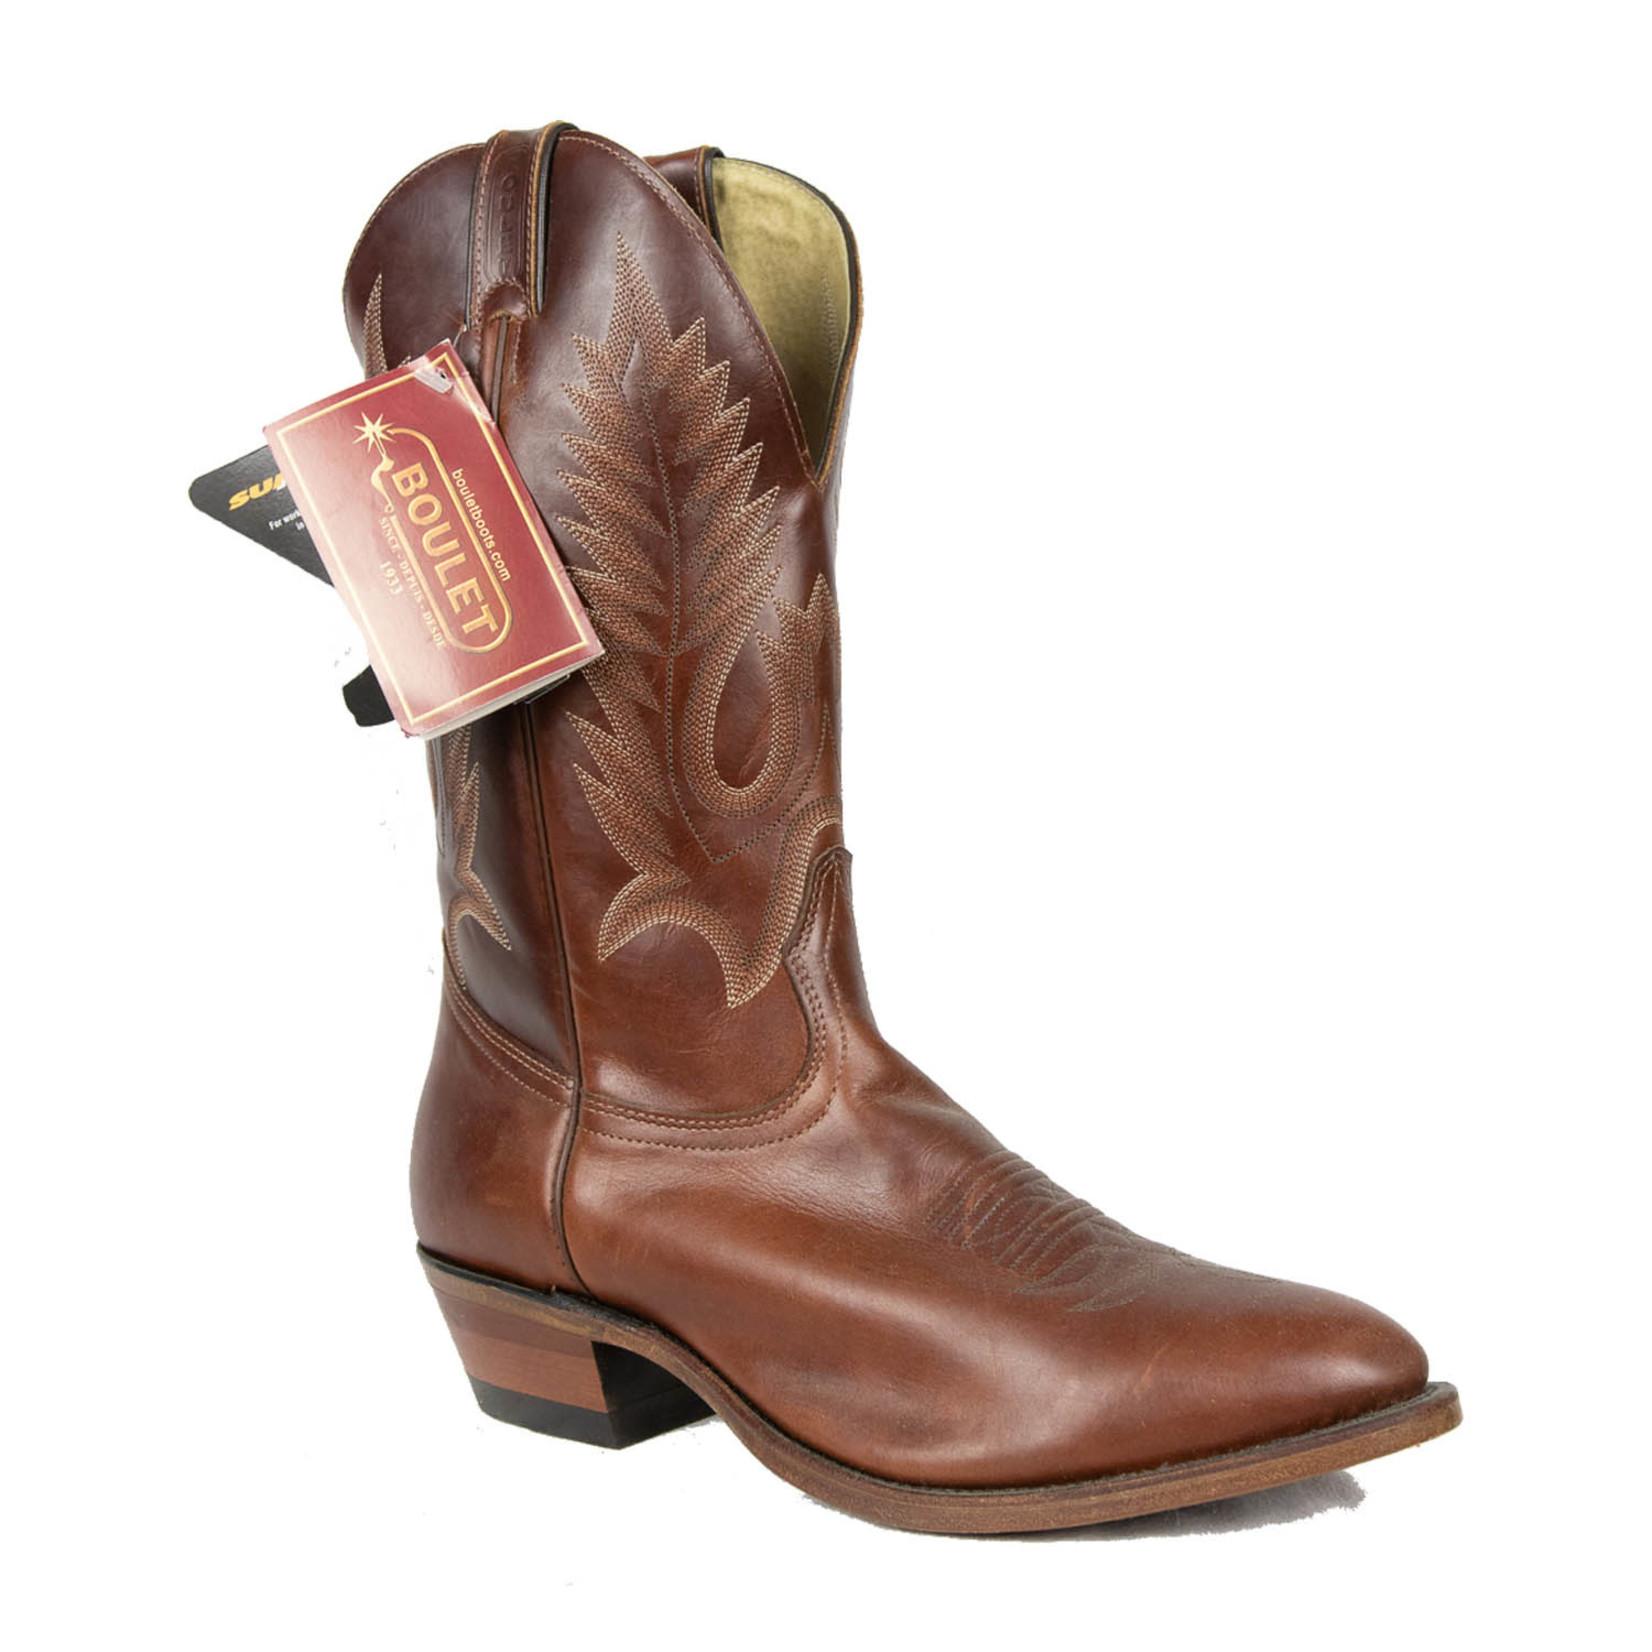 Boulet Boulet Men's Cowboy Boot 5143